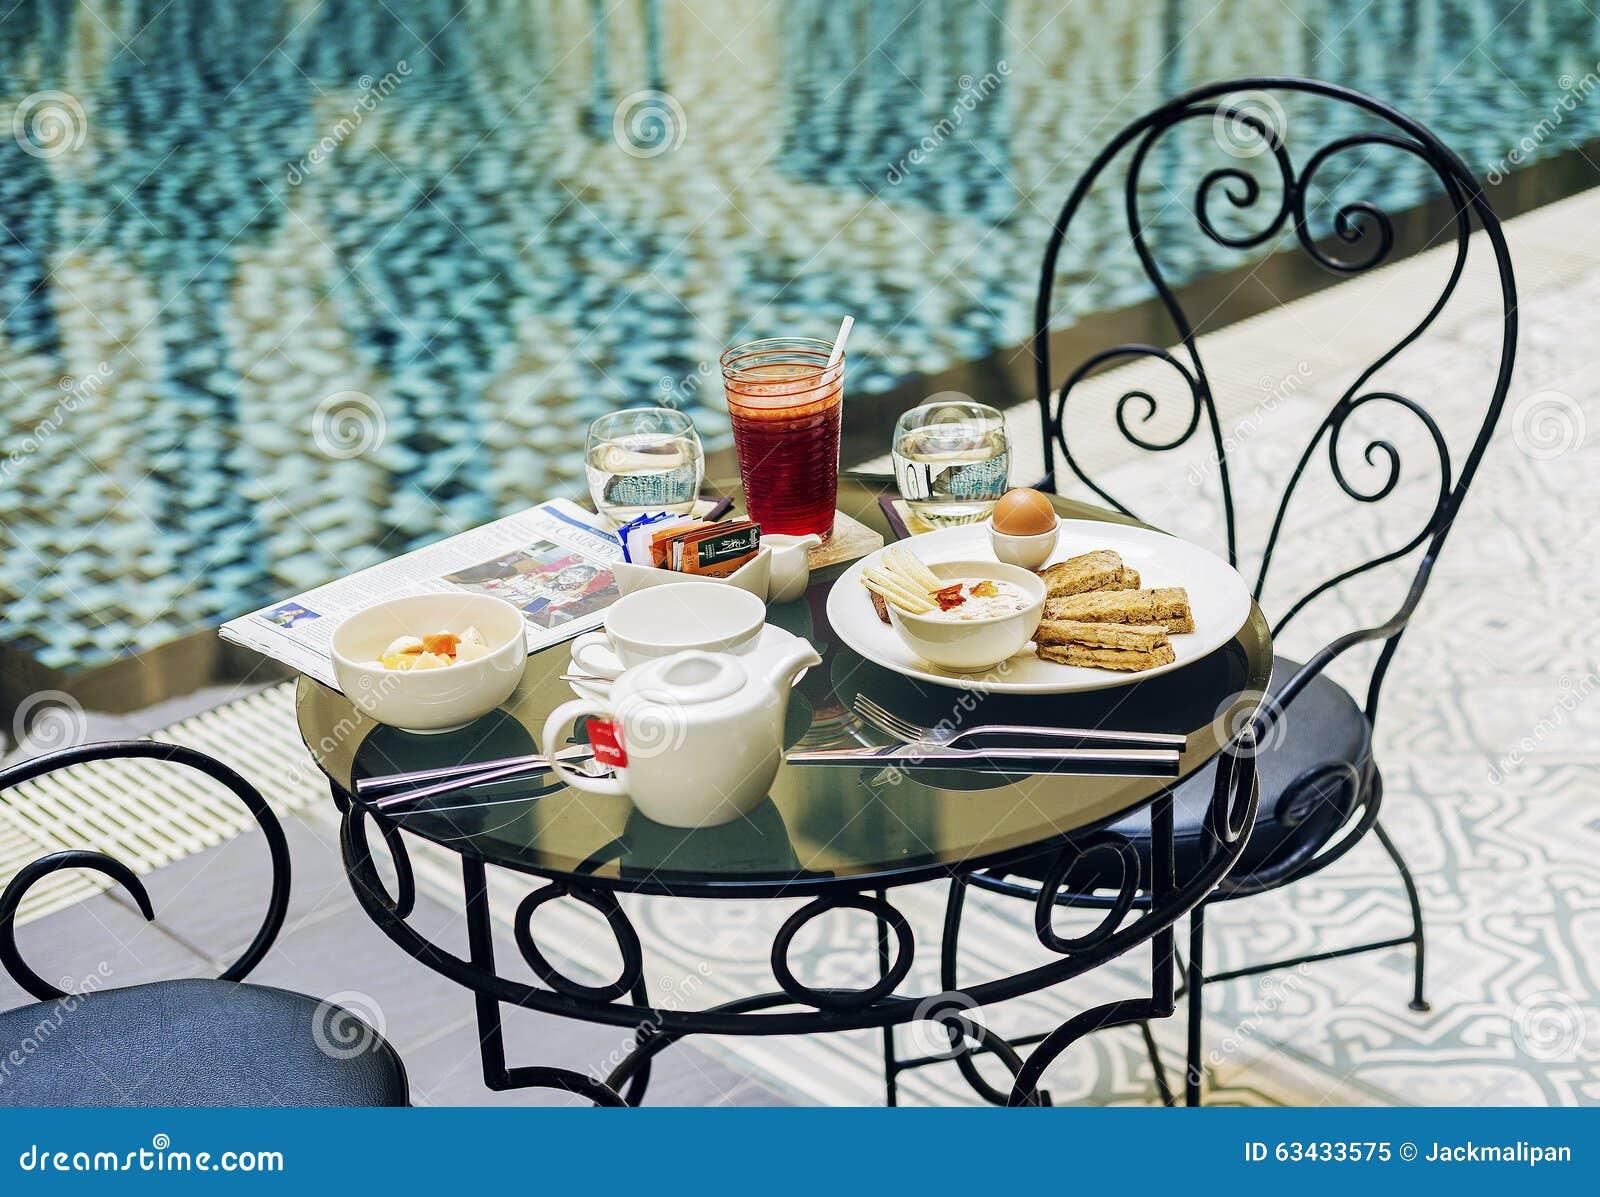 breakfast set editorial image 52325452. Black Bedroom Furniture Sets. Home Design Ideas